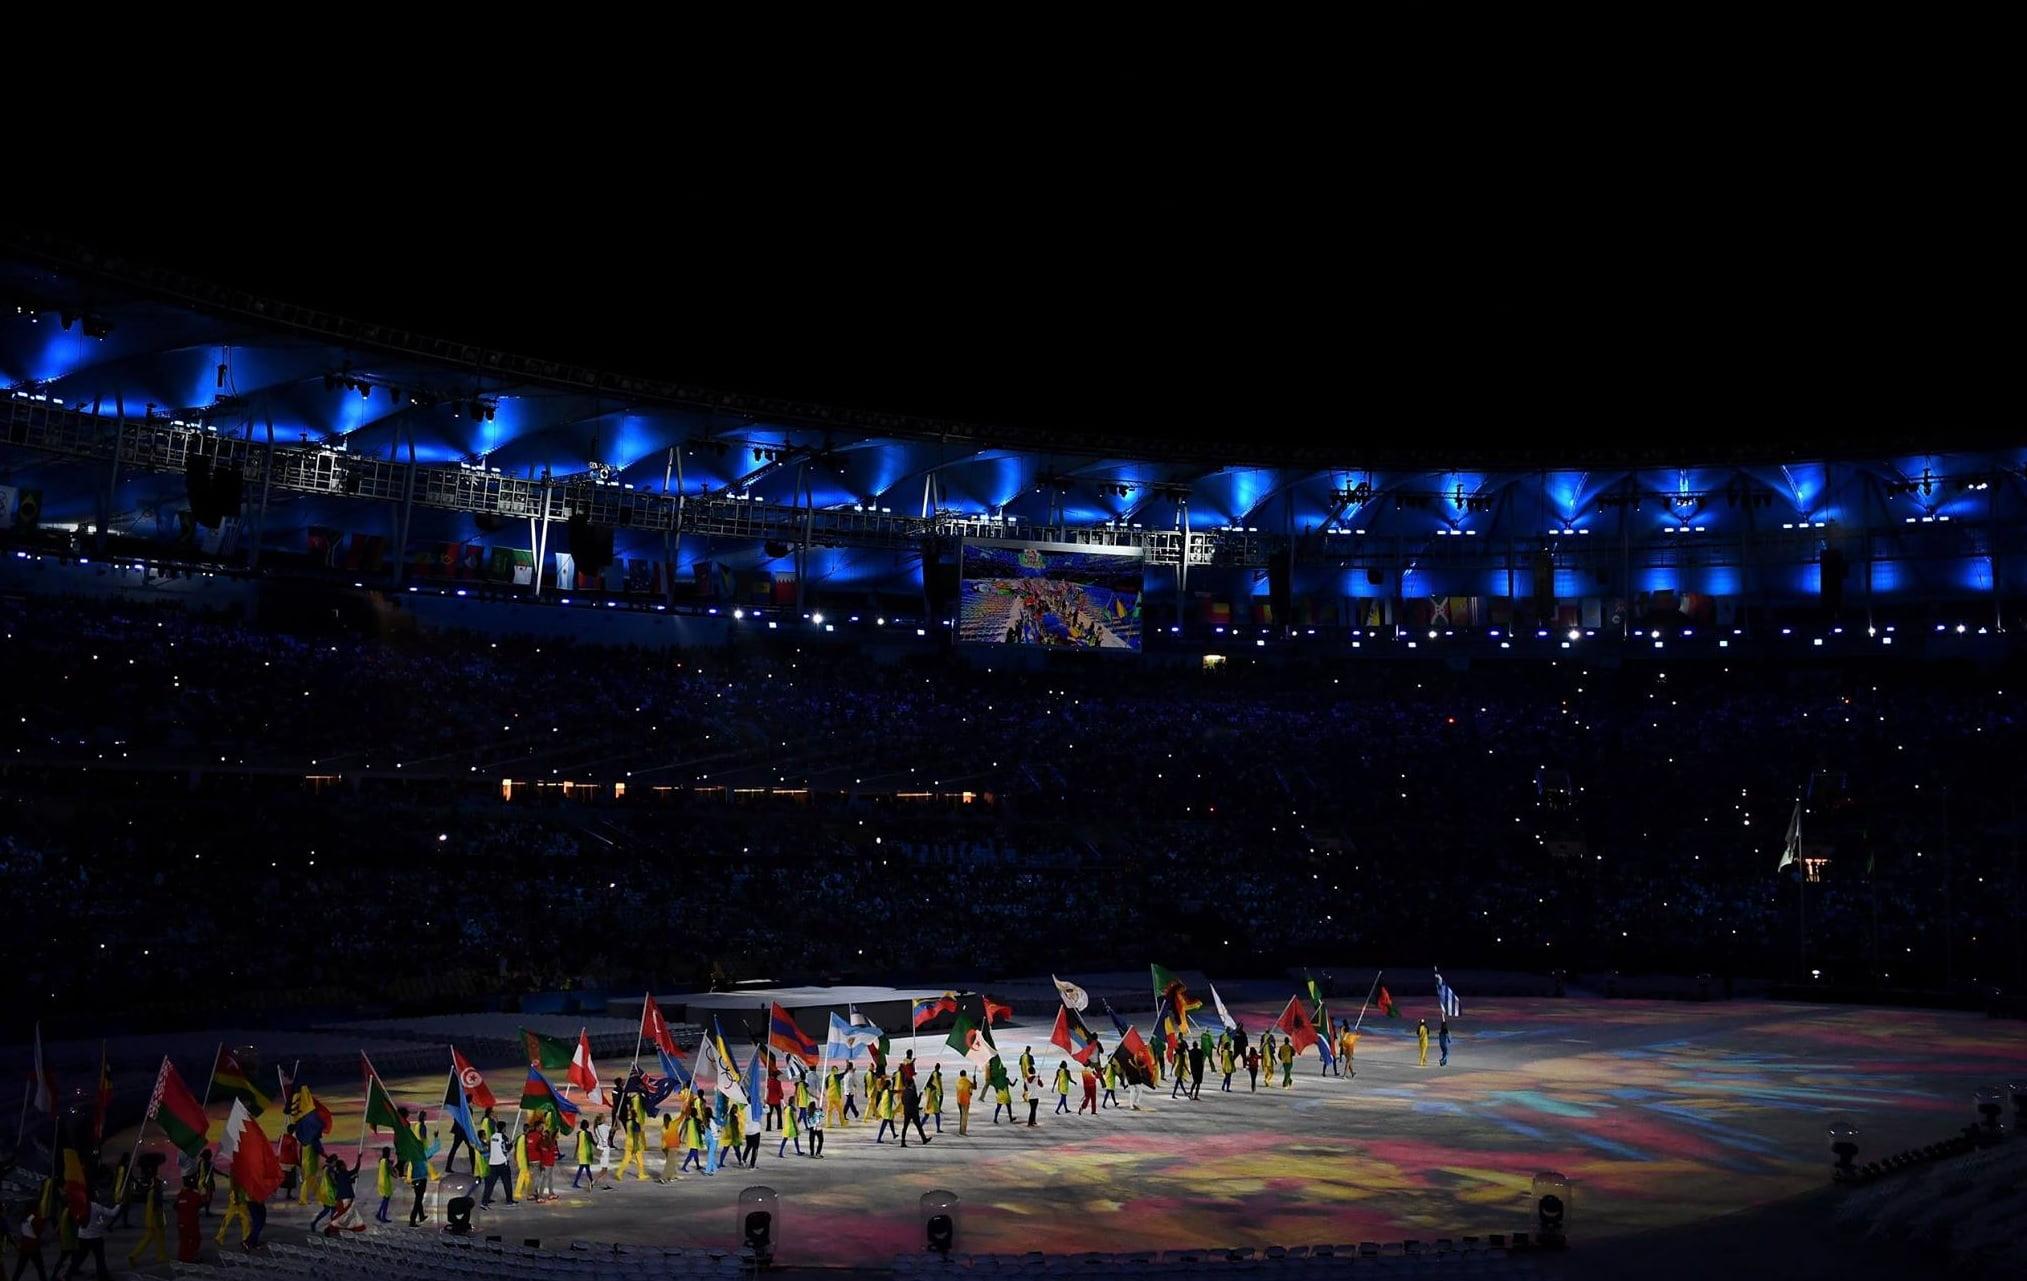 olimpiada rio ceremonie inchidere